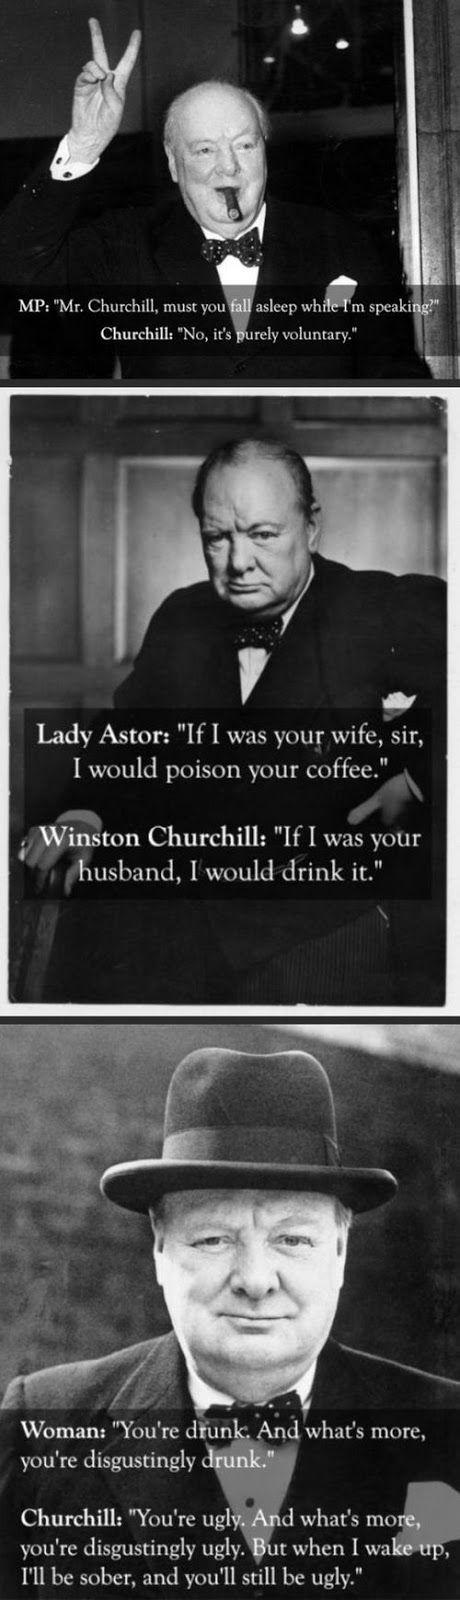 Linda Mooney's Other Worlds of Romance: Dry British Humor